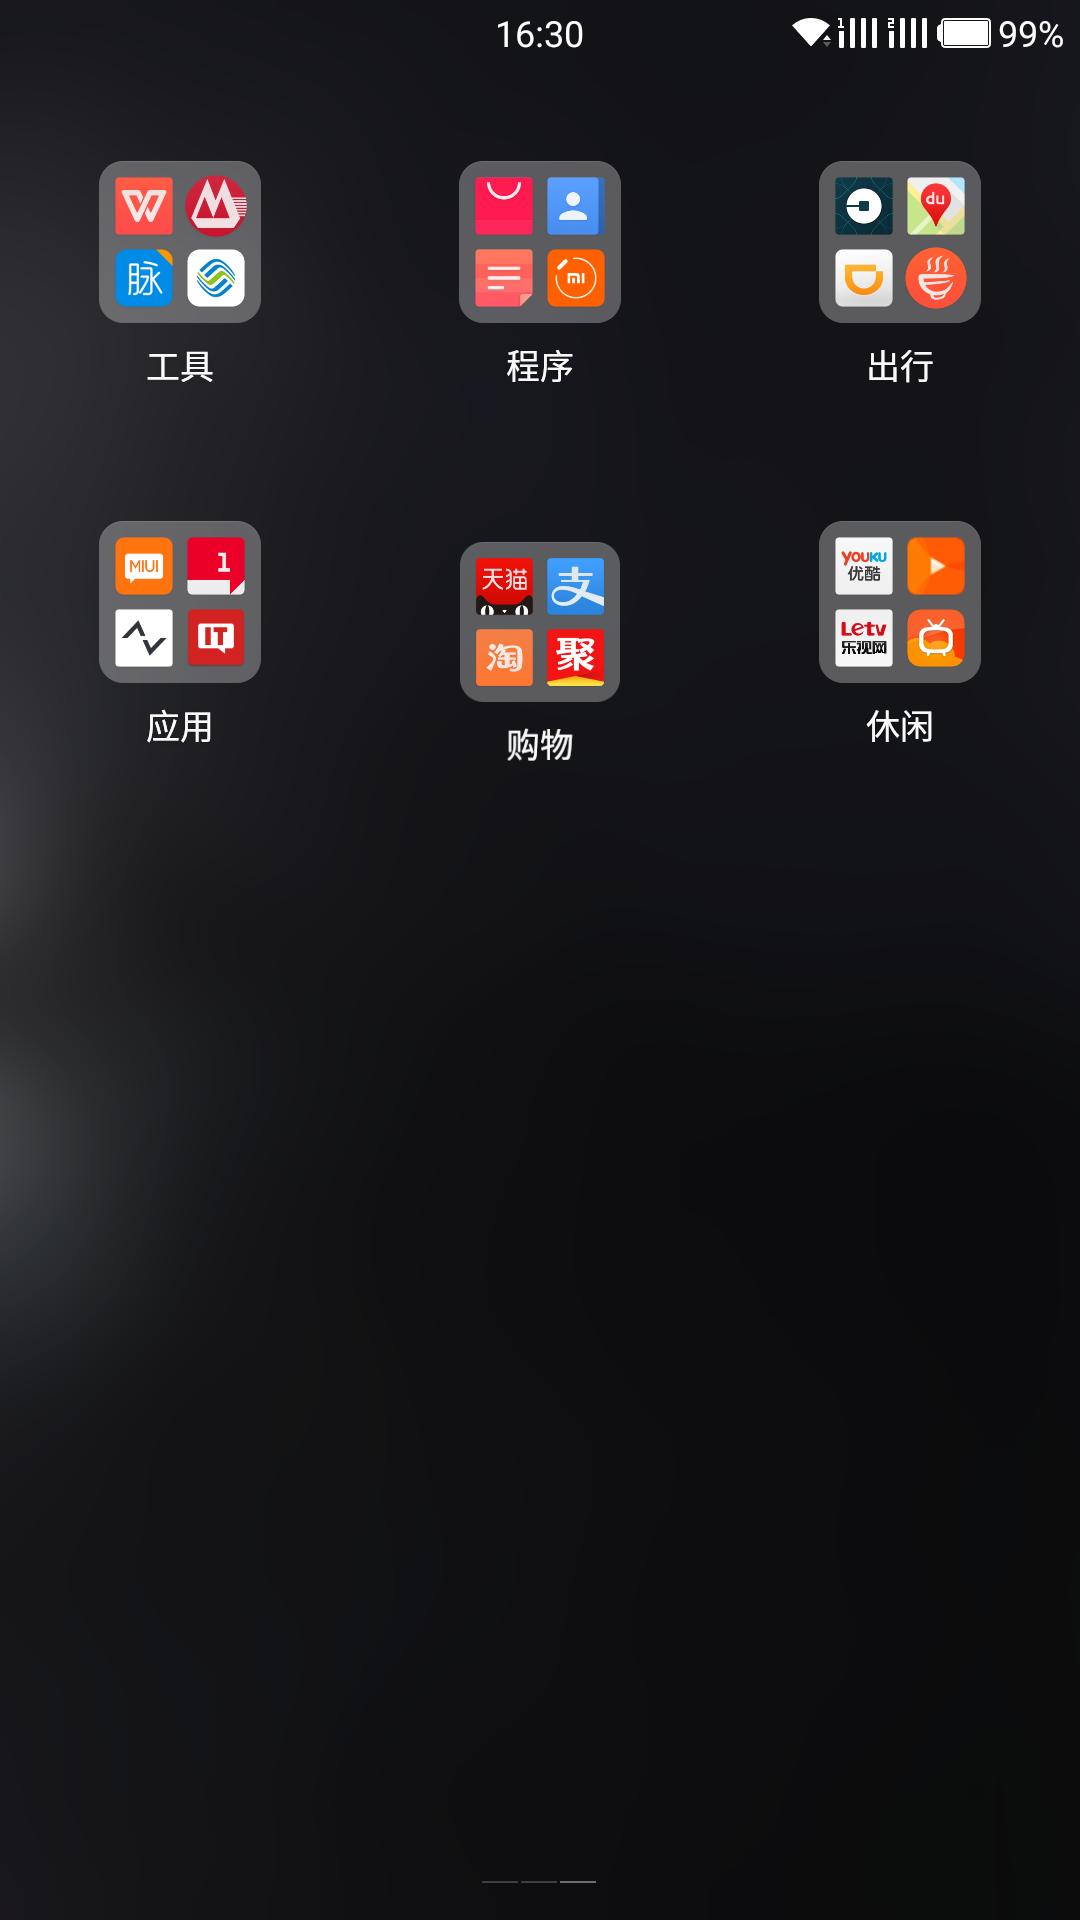 桌面图标不对齐第四版更新了这个bug还没改过来